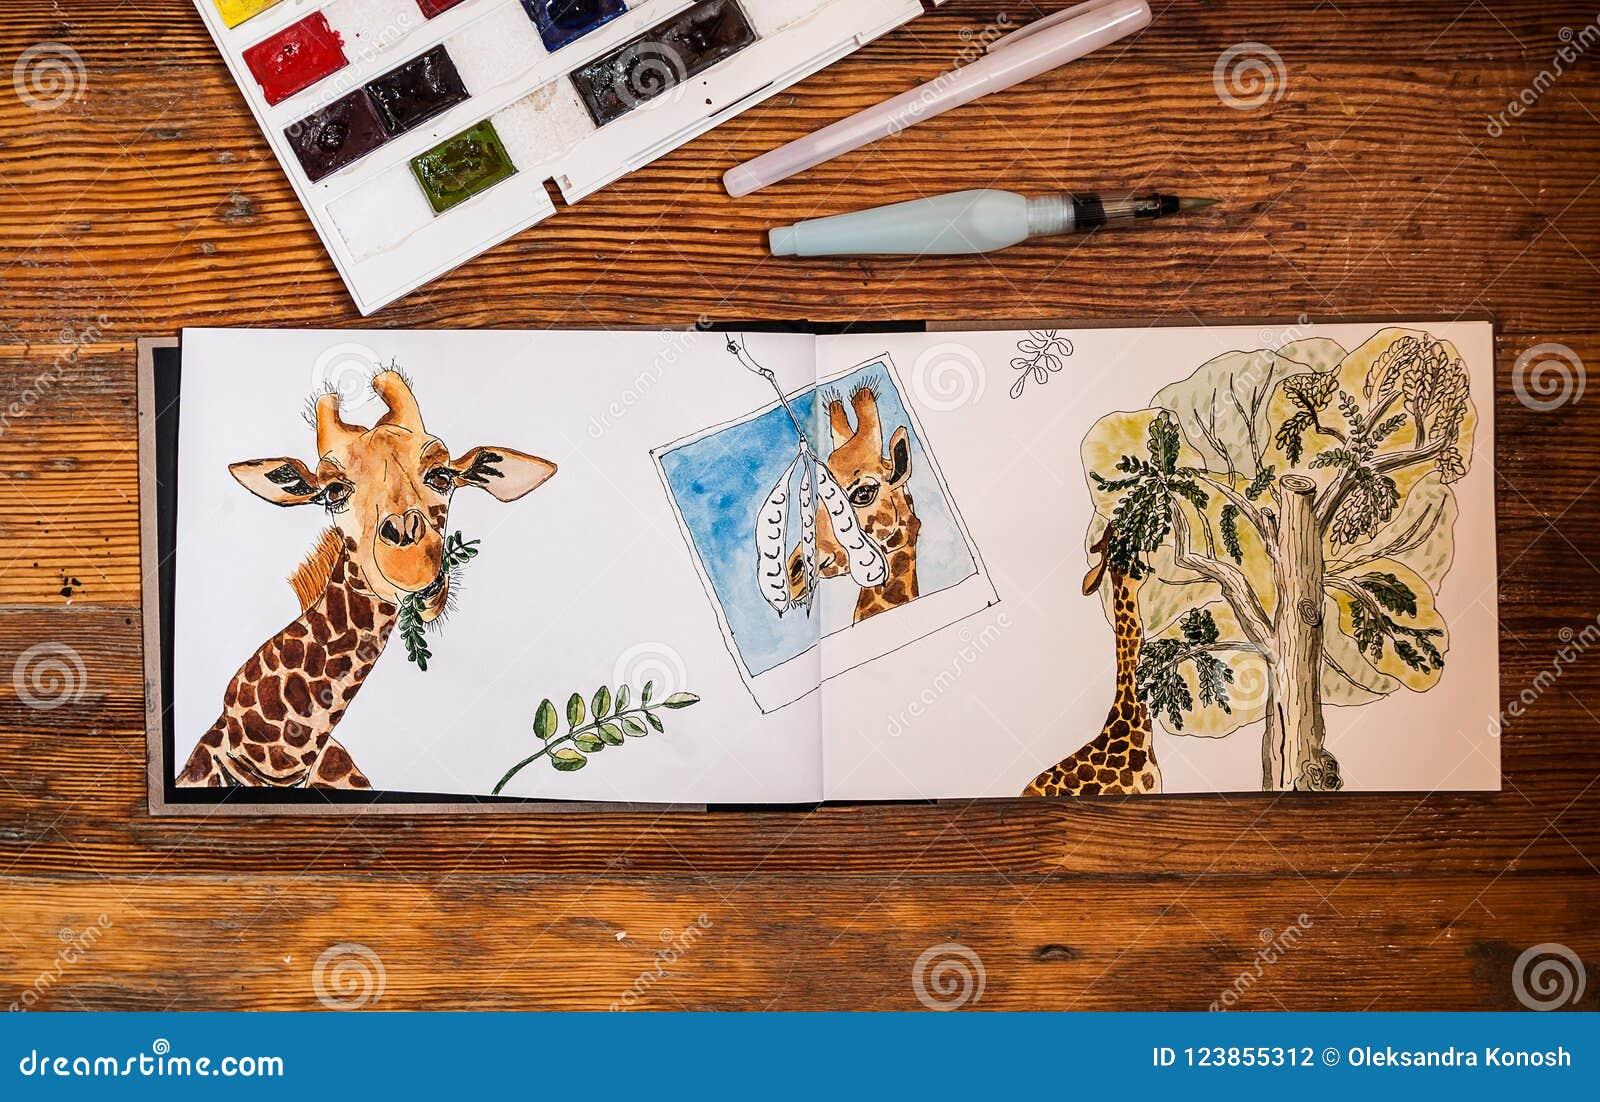 Zbliżenie akwareli żyrafa, je opuszcza od akacjowego drzewa, rysującego w sketchbook